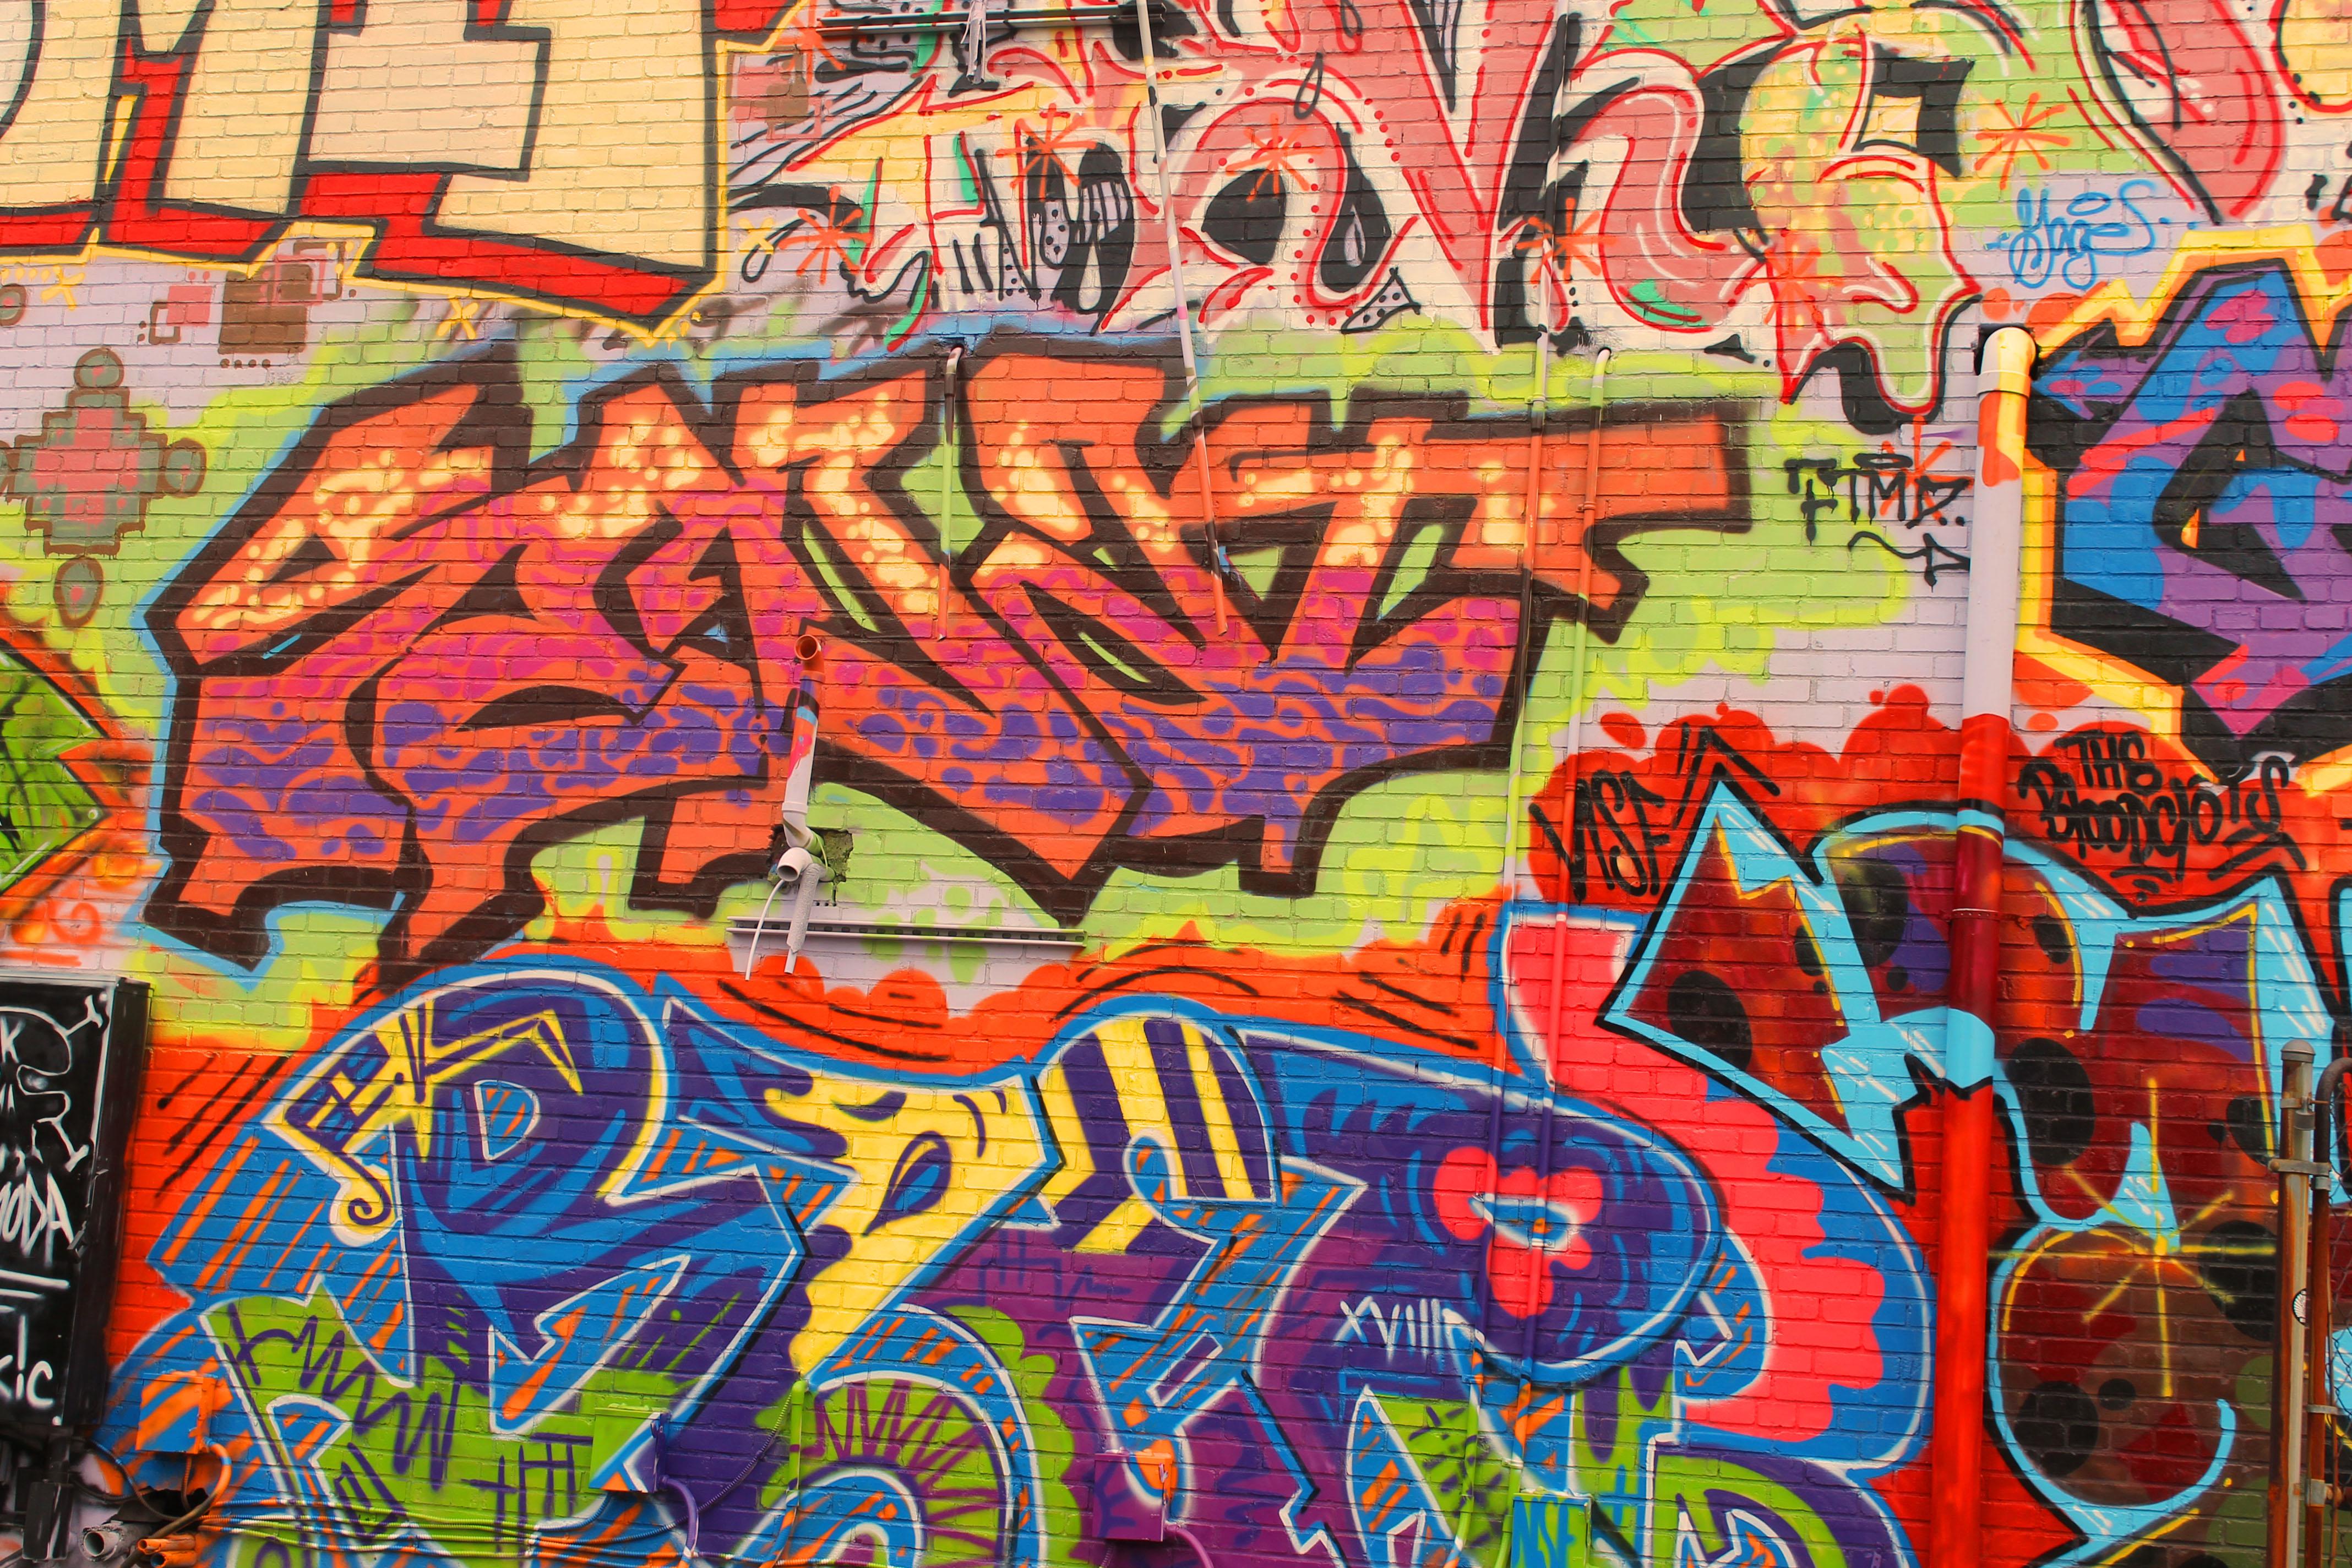 Graffiti wall pictures - Graffiti Wall Writing Graffiti Wall Writing 6